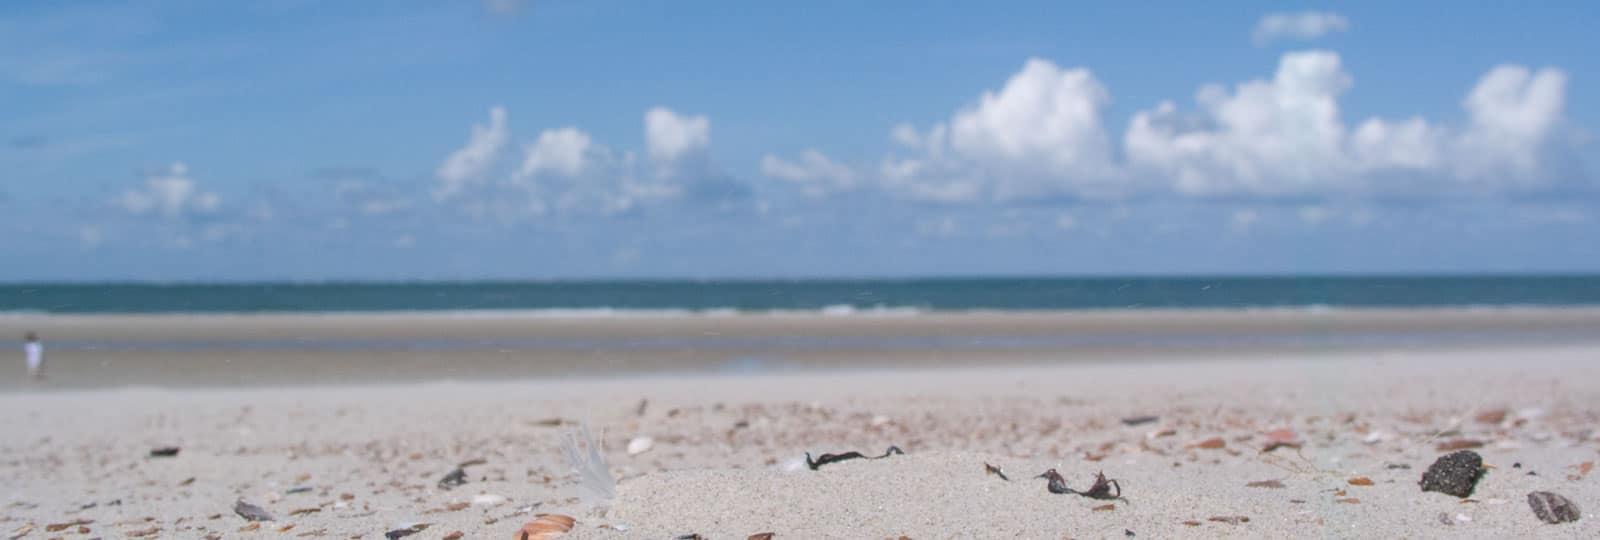 Strand – Bild auf Zwangsvorstellungen.de